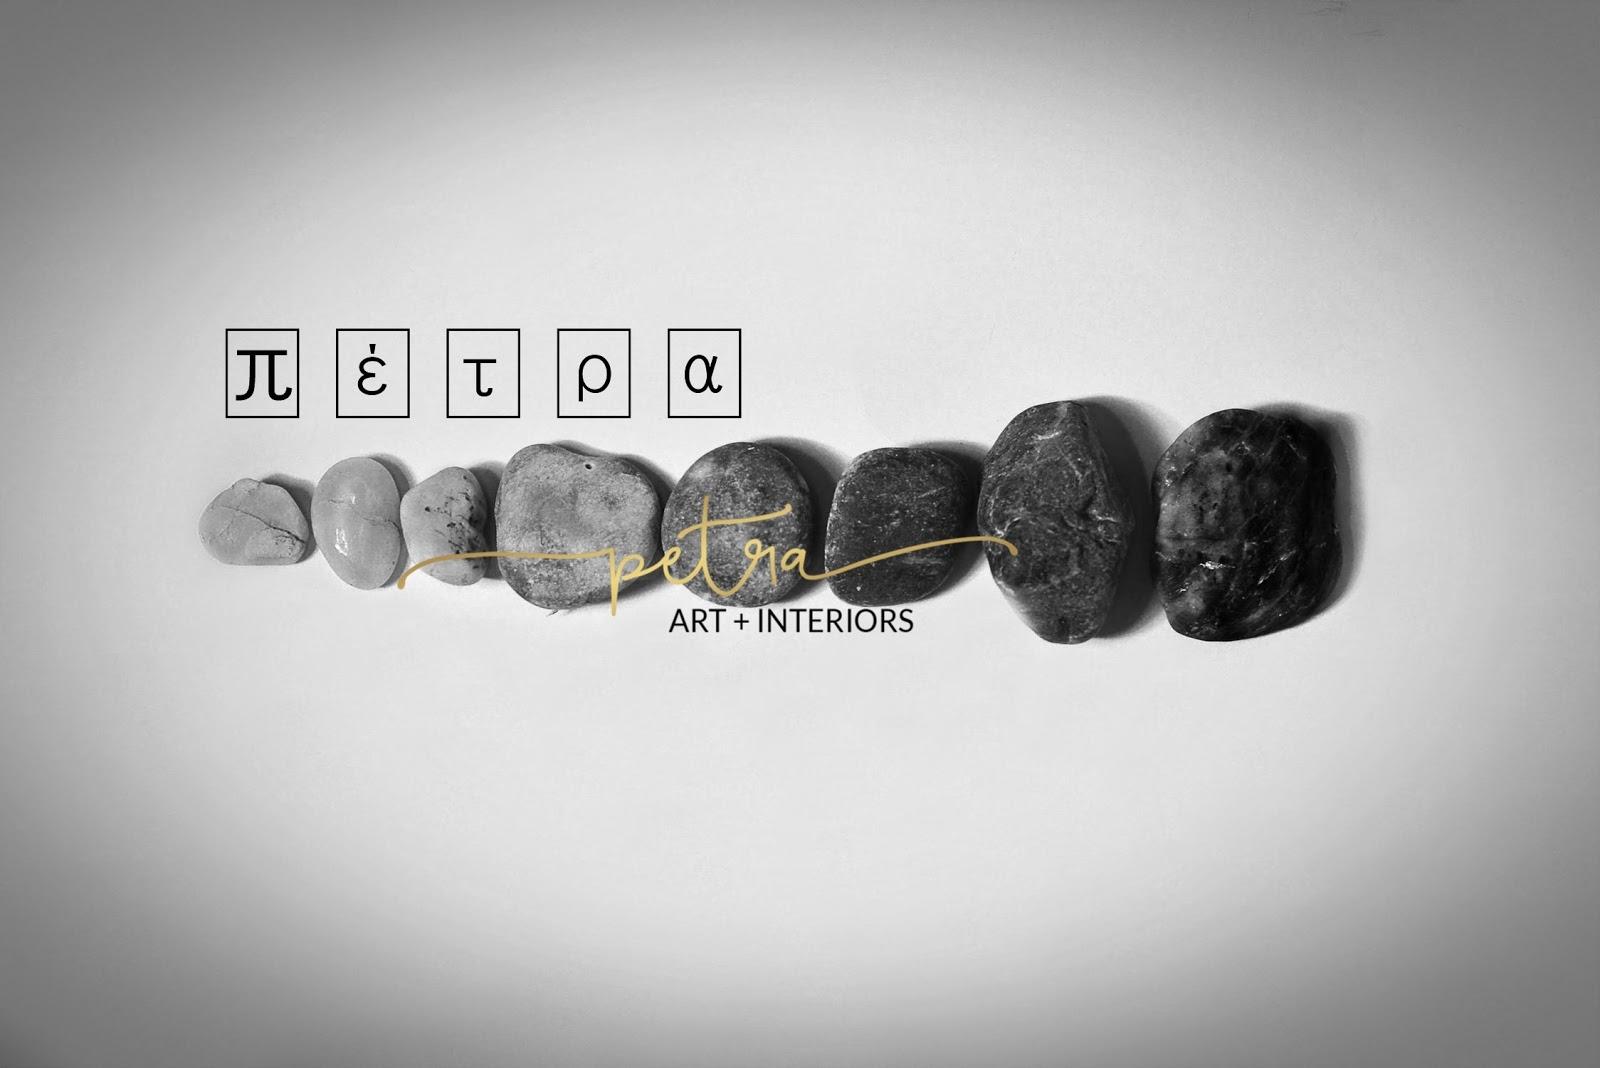 Μπορεί να χρησιμοποιηθεί για τον άνθρακα σε πέτρα